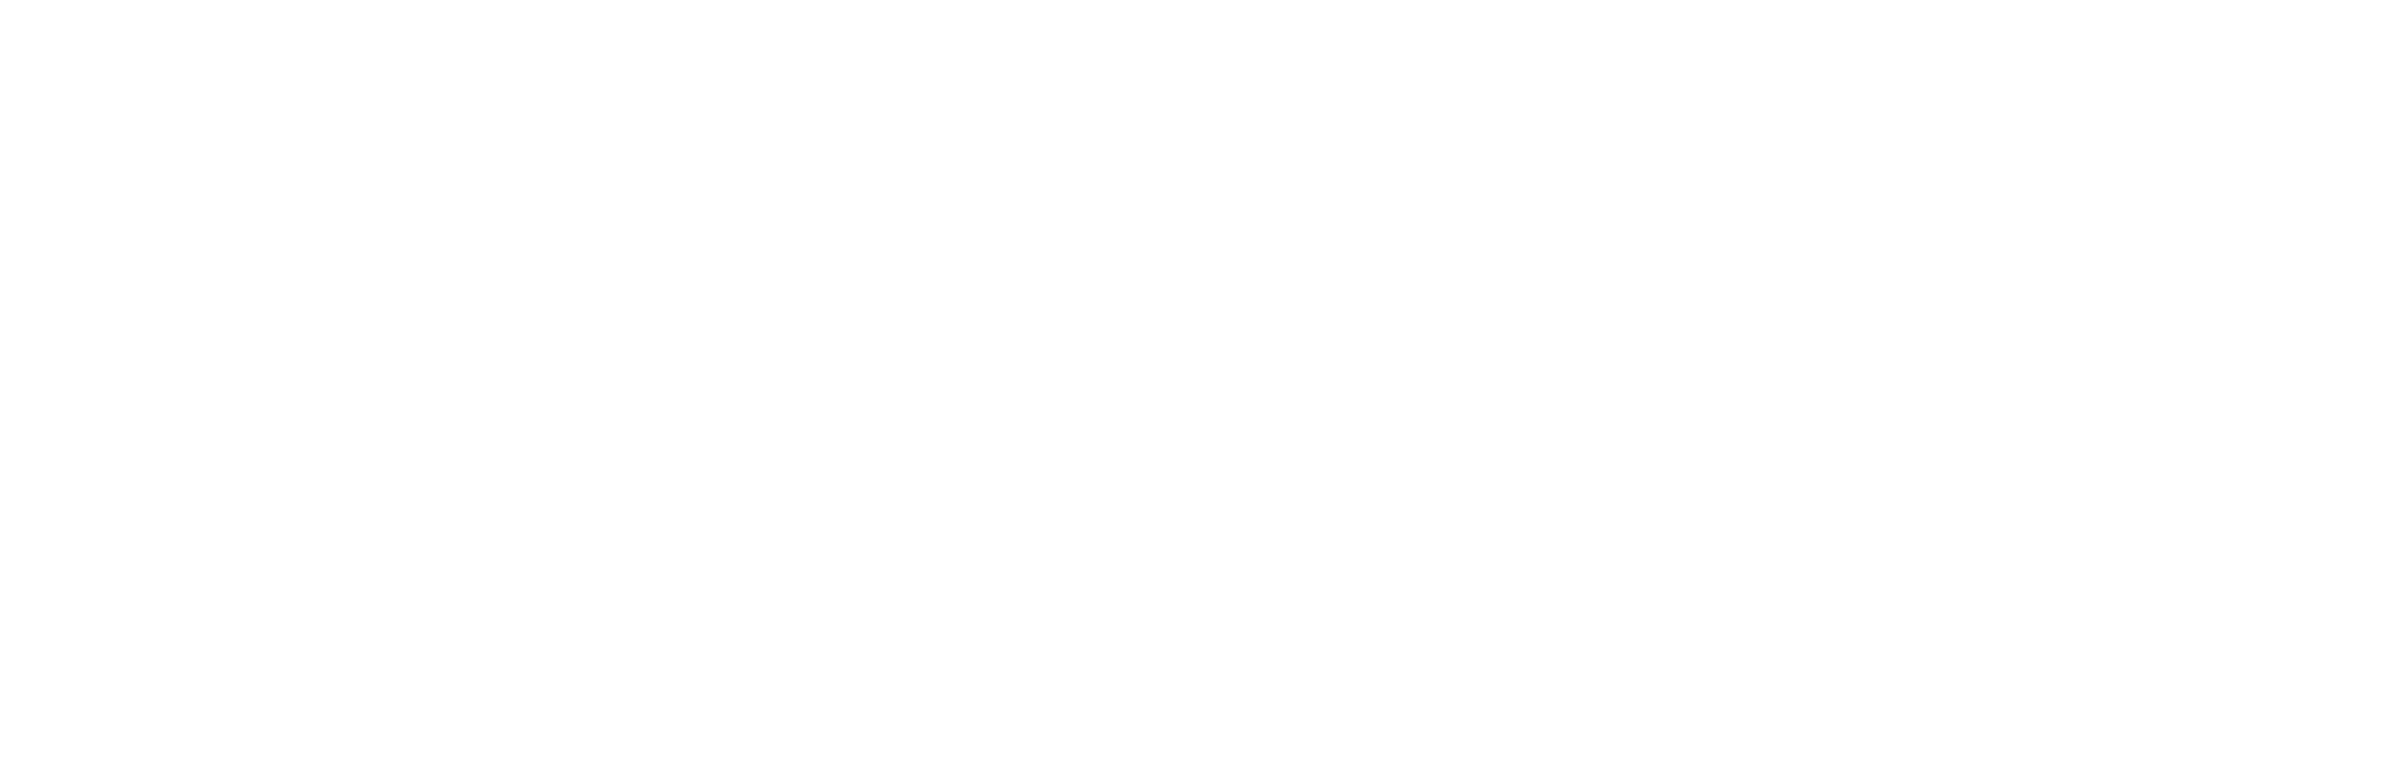 Designit_Logo_White_RGB copy_morespace.png